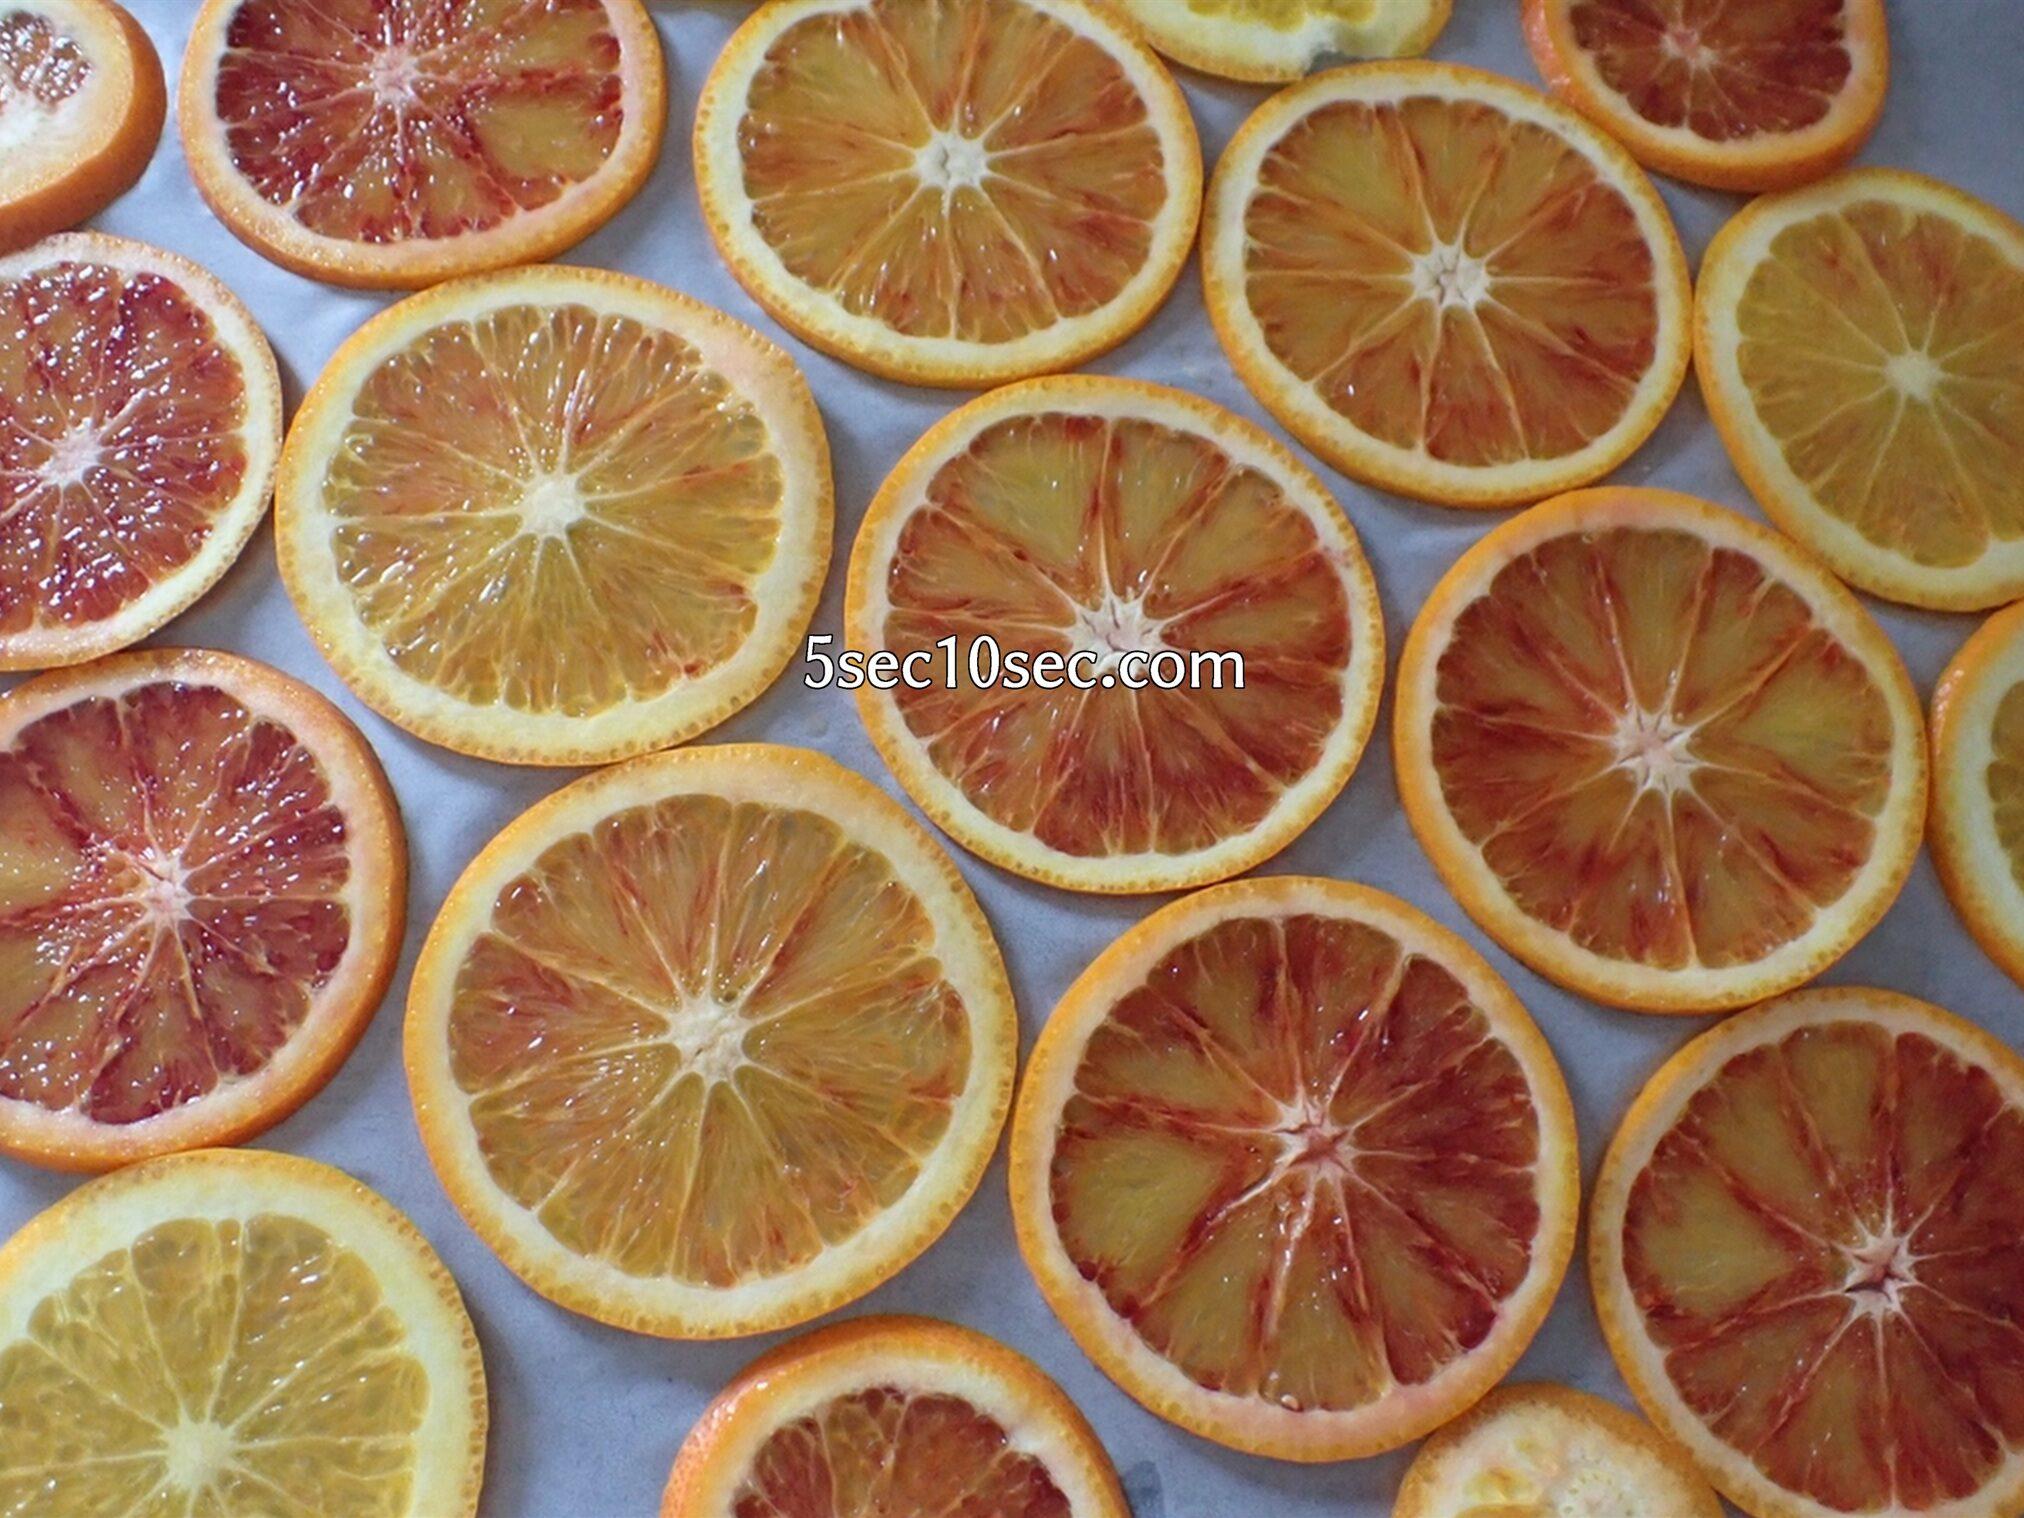 ブラッドオレンジ モロ種、タロッコ種 おすすめの食べ方、おいしい食べ方